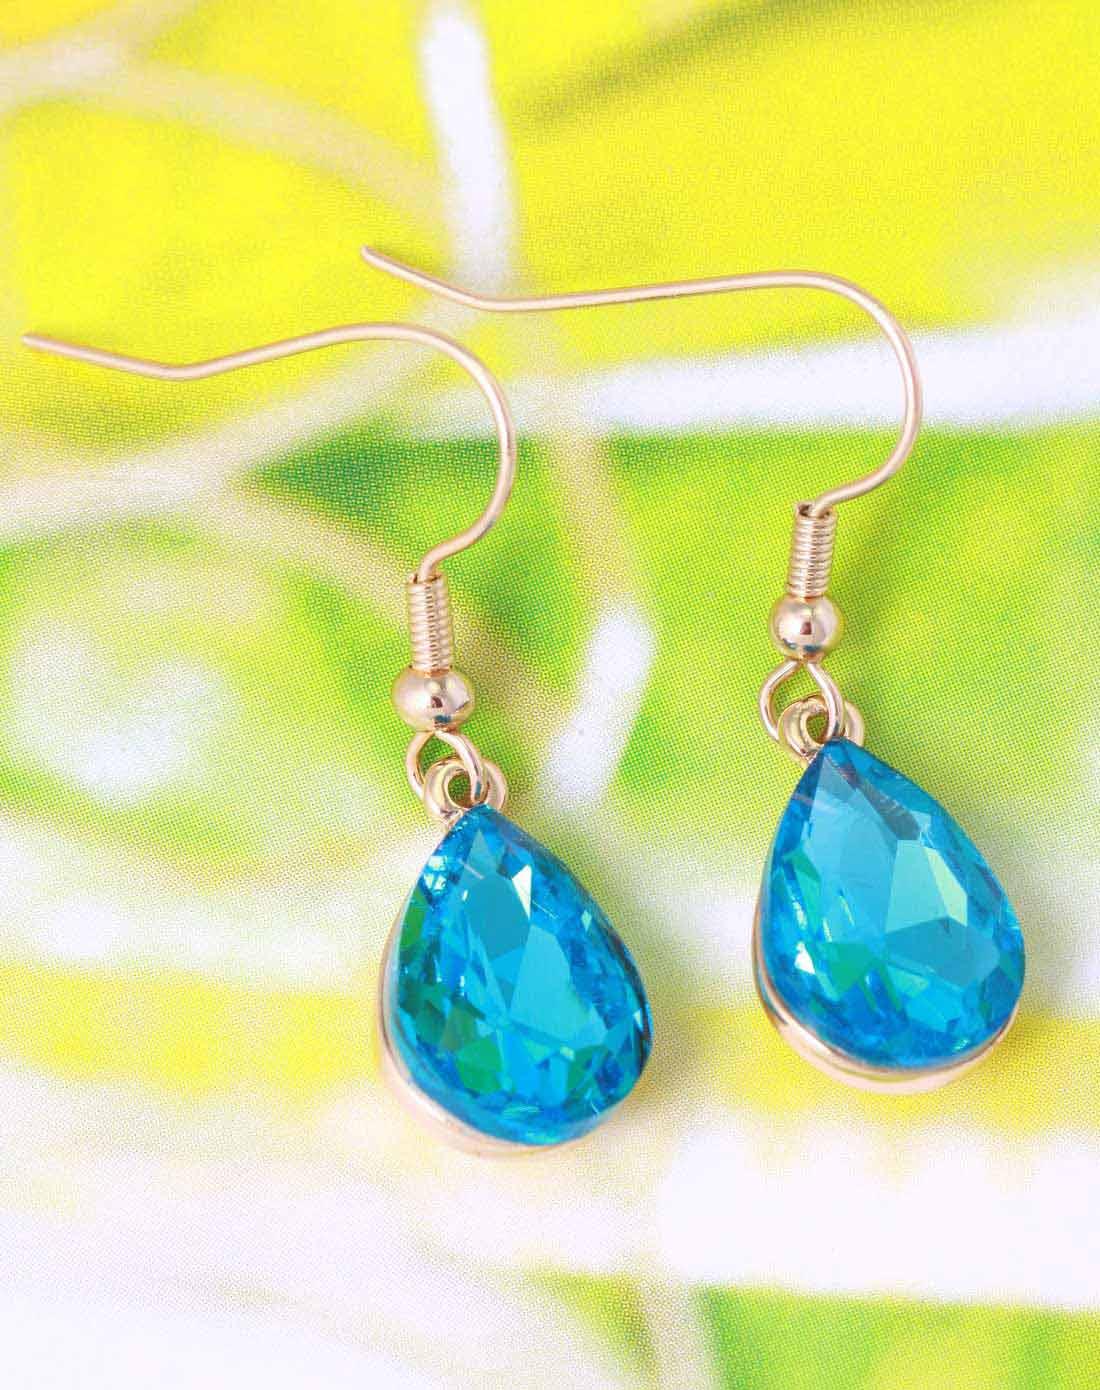 女士蓝色可爱蓝精灵水晶耳环